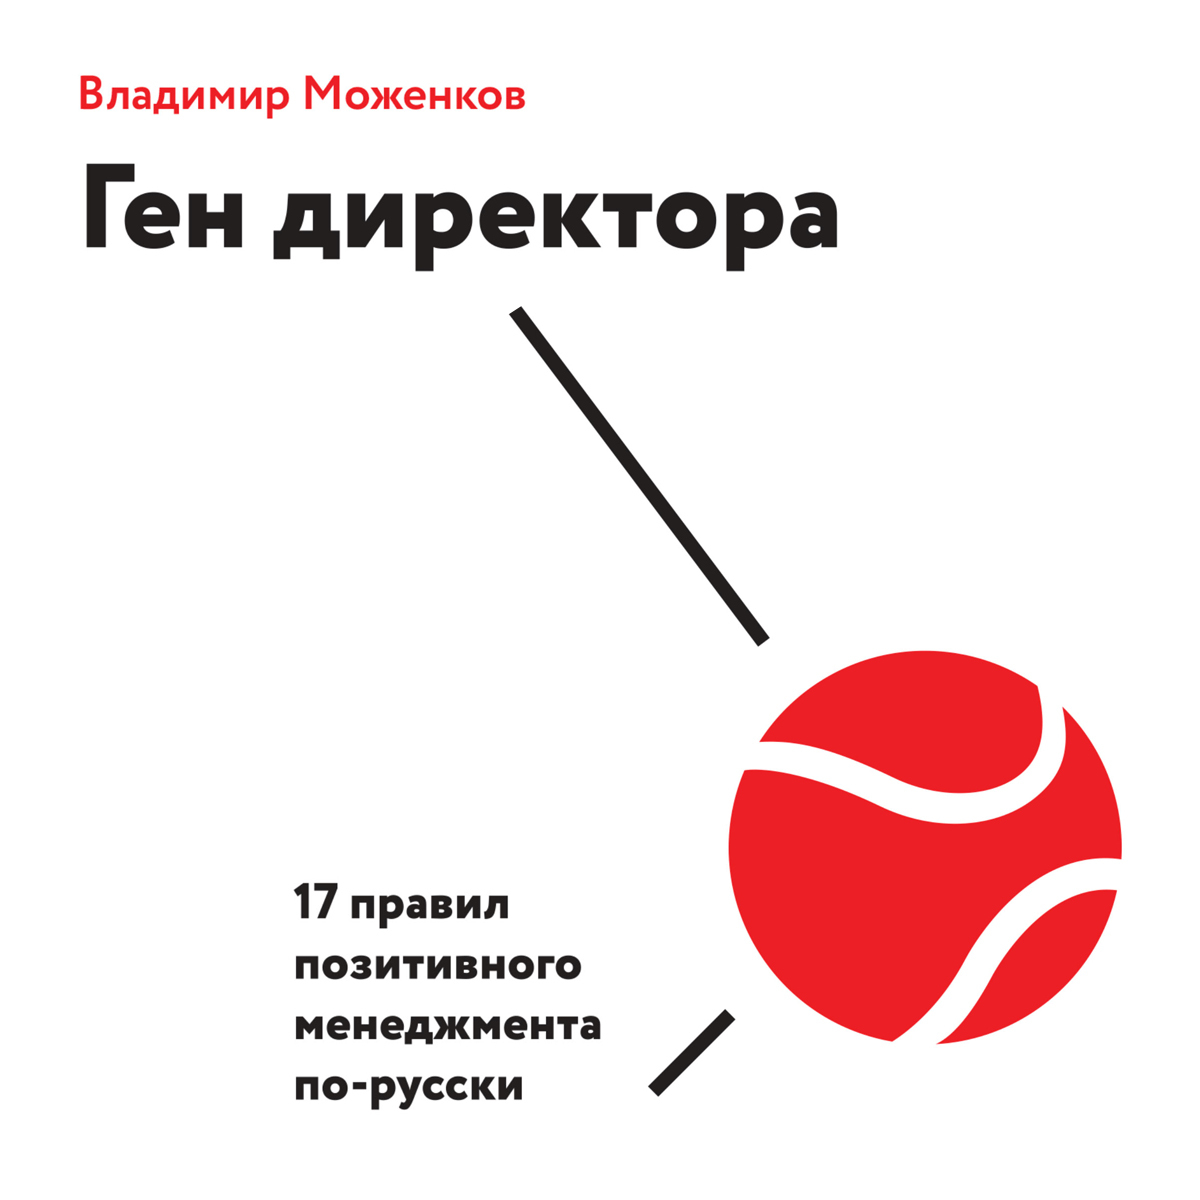 Владимир Моженков. Ген директора. 17 правил позитивного менеджмента по-русски